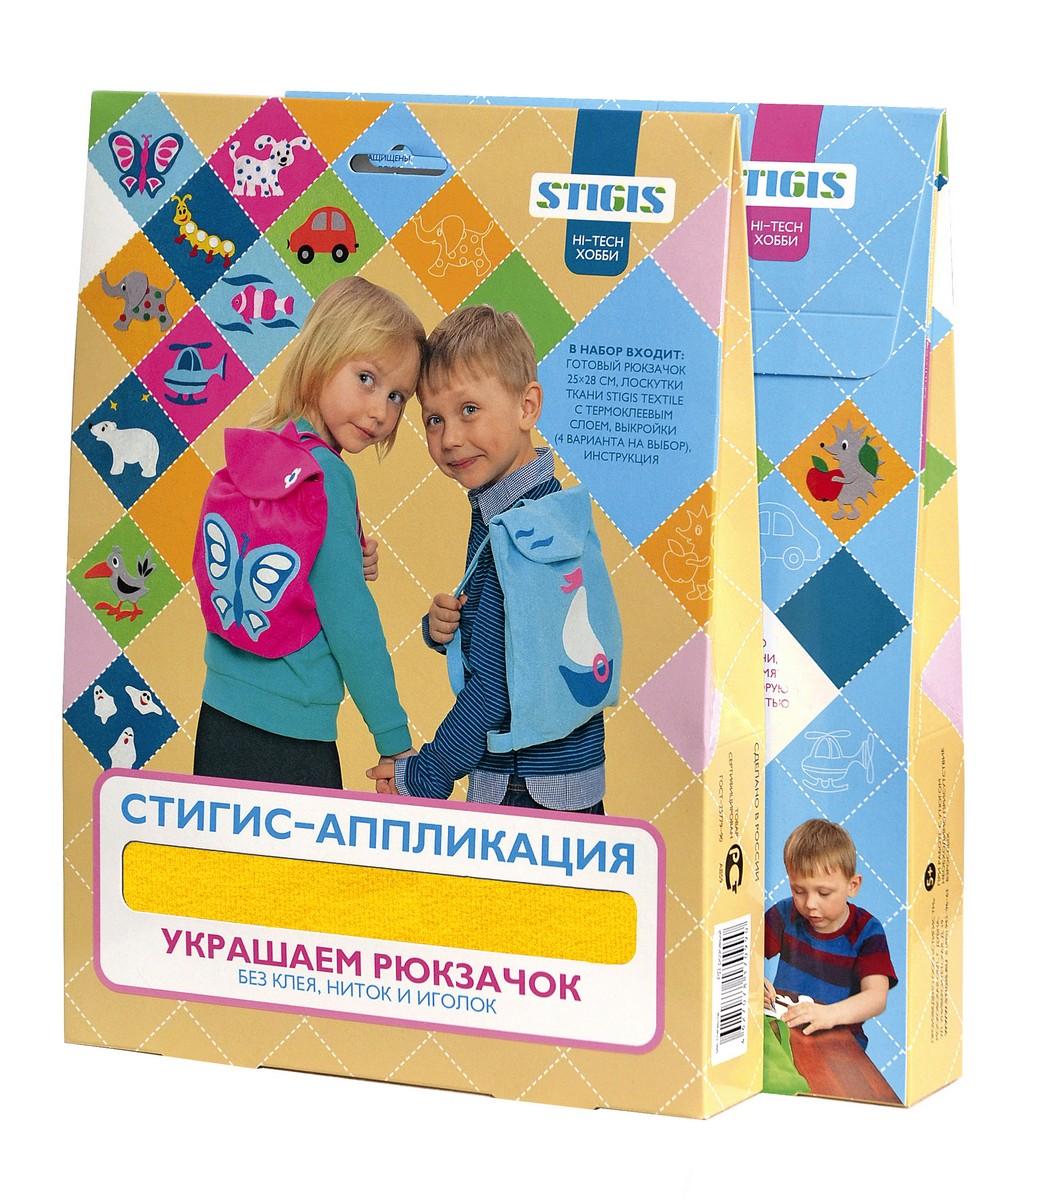 Stigis Стигис Stigis Набор для украшения рюкзачка Стигис-аппликация цвет желтый